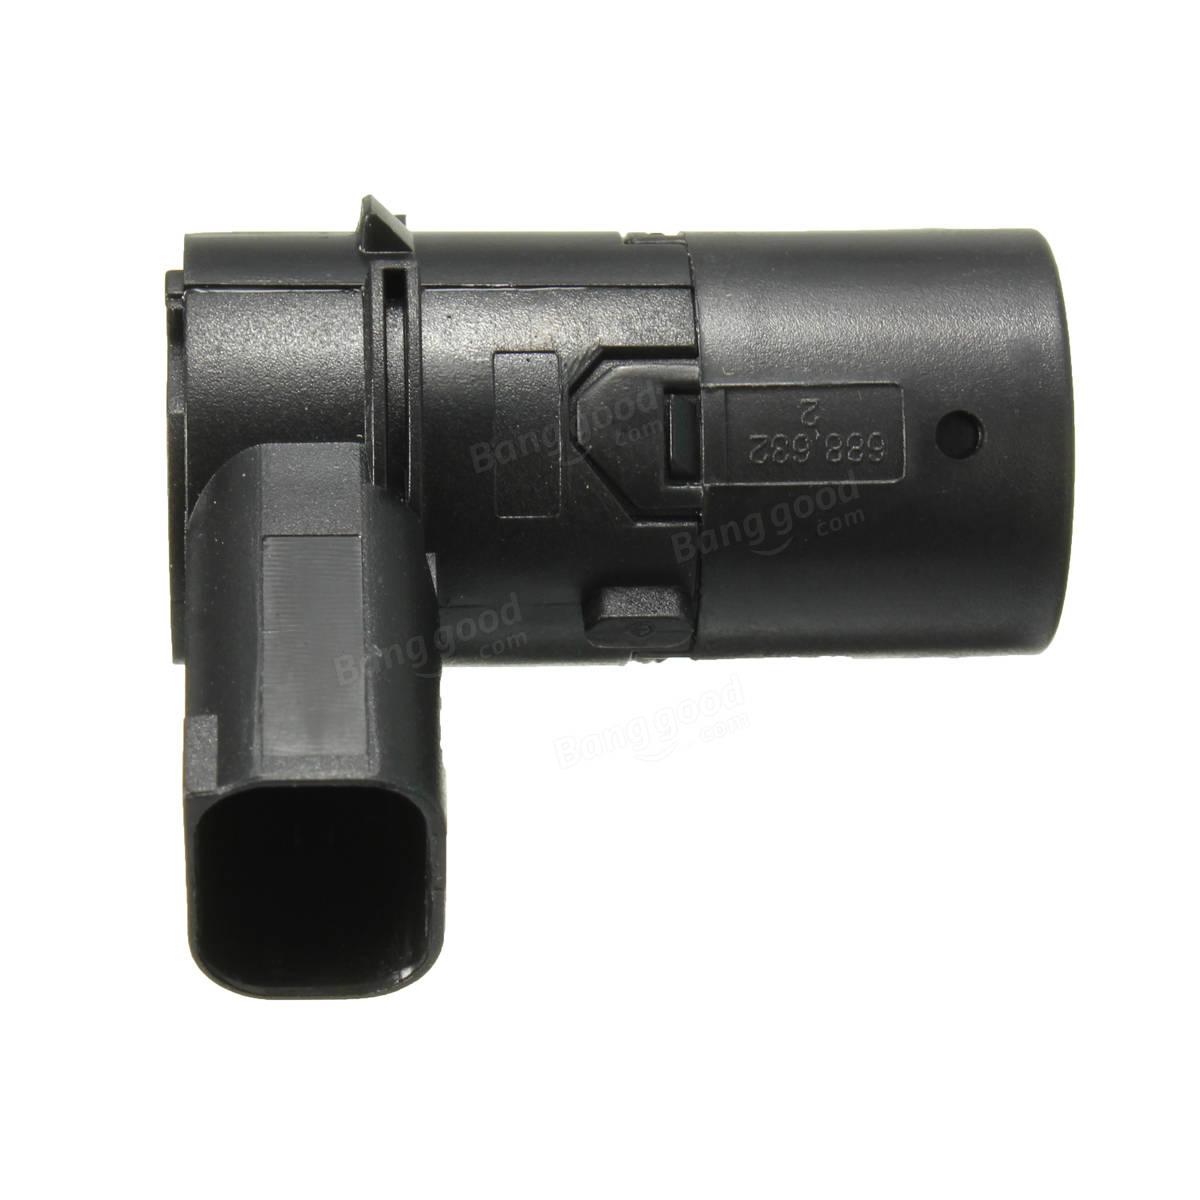 Parte trasera delantera pdc aparcamiento de sensor para volvo c70 s40 s60 s80 v50 v70 v70x xc90